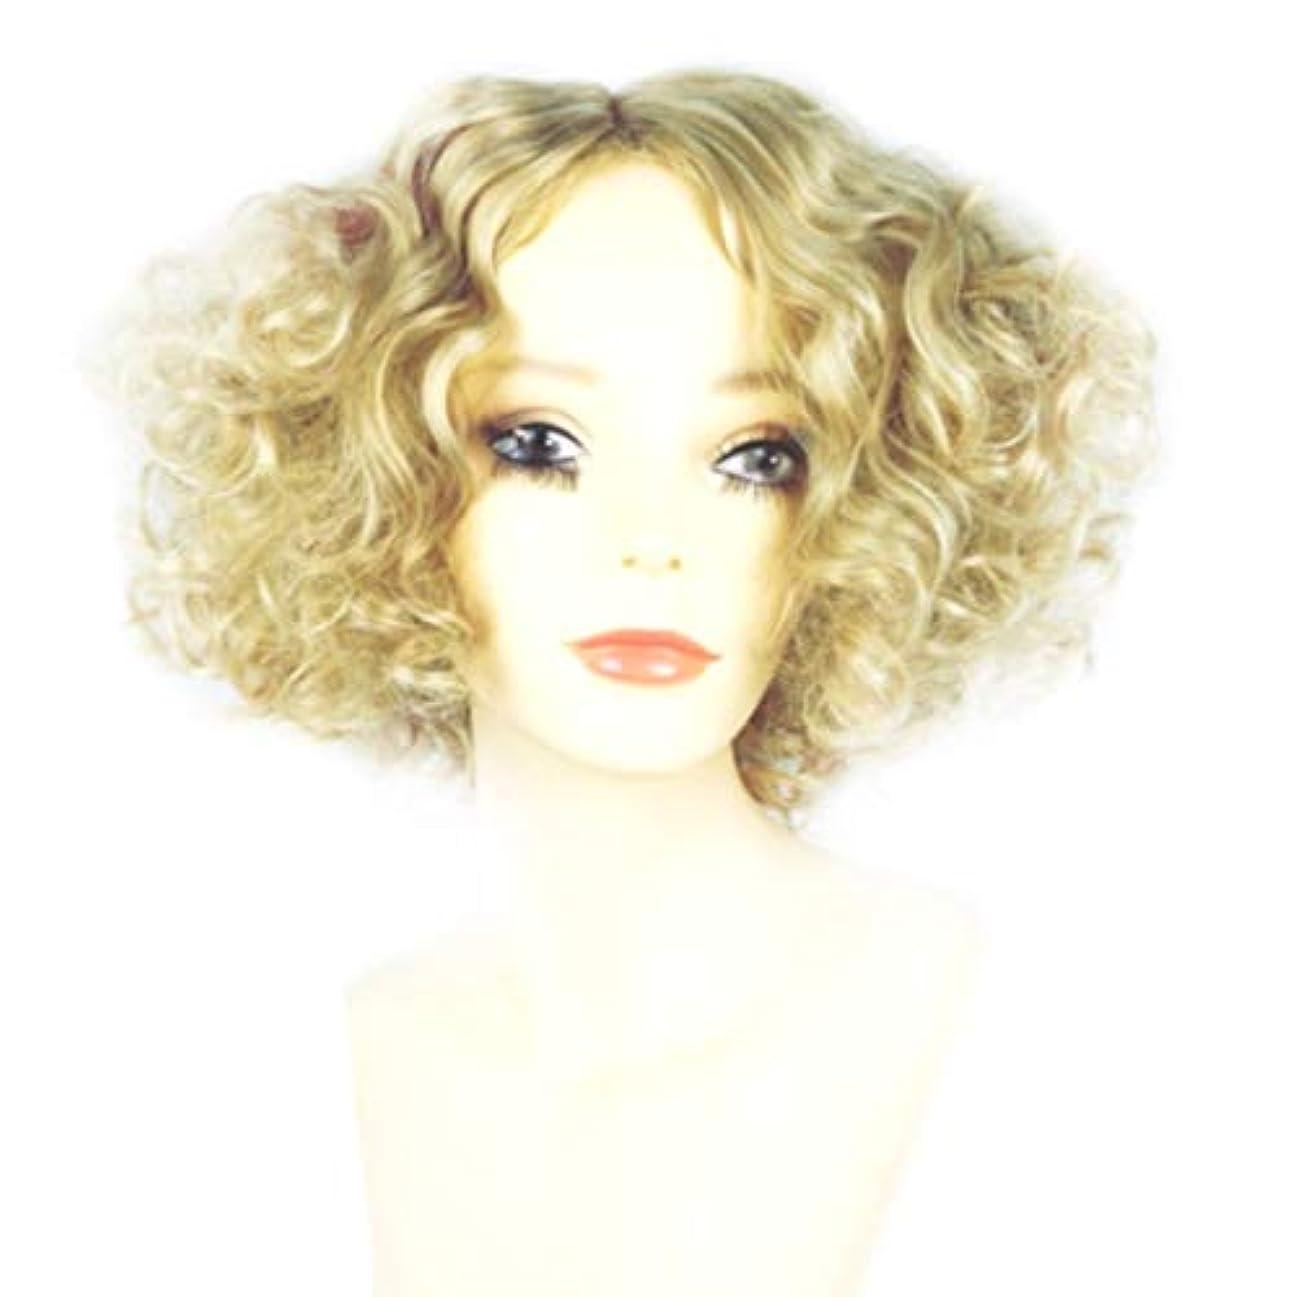 可能性欺店員Kerwinner 女性のための短い巻き毛のかつらブロンドのボブの髪かつら自然に見える耐熱合成かつら